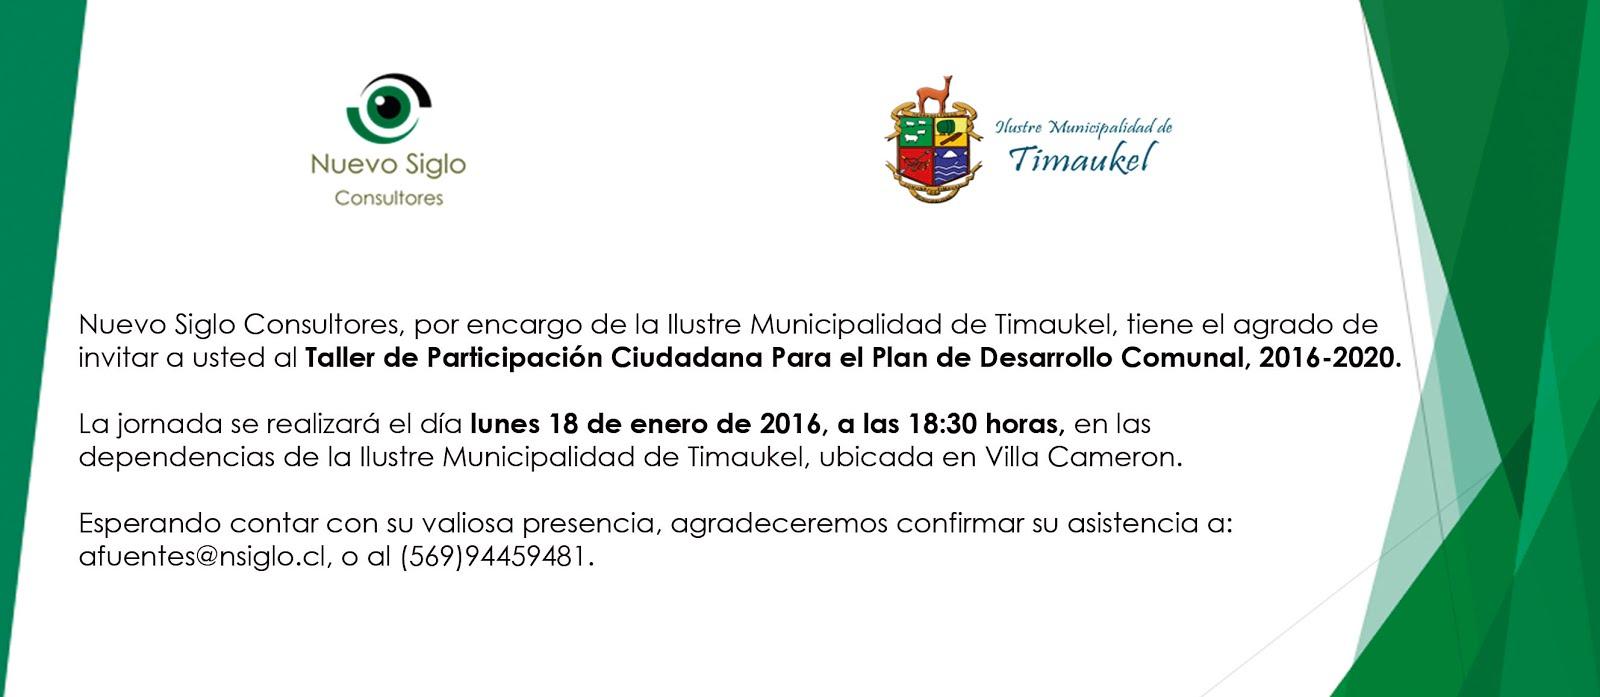 18 Enero Taller Participacion Ciudadana pladeco 2016 -2020